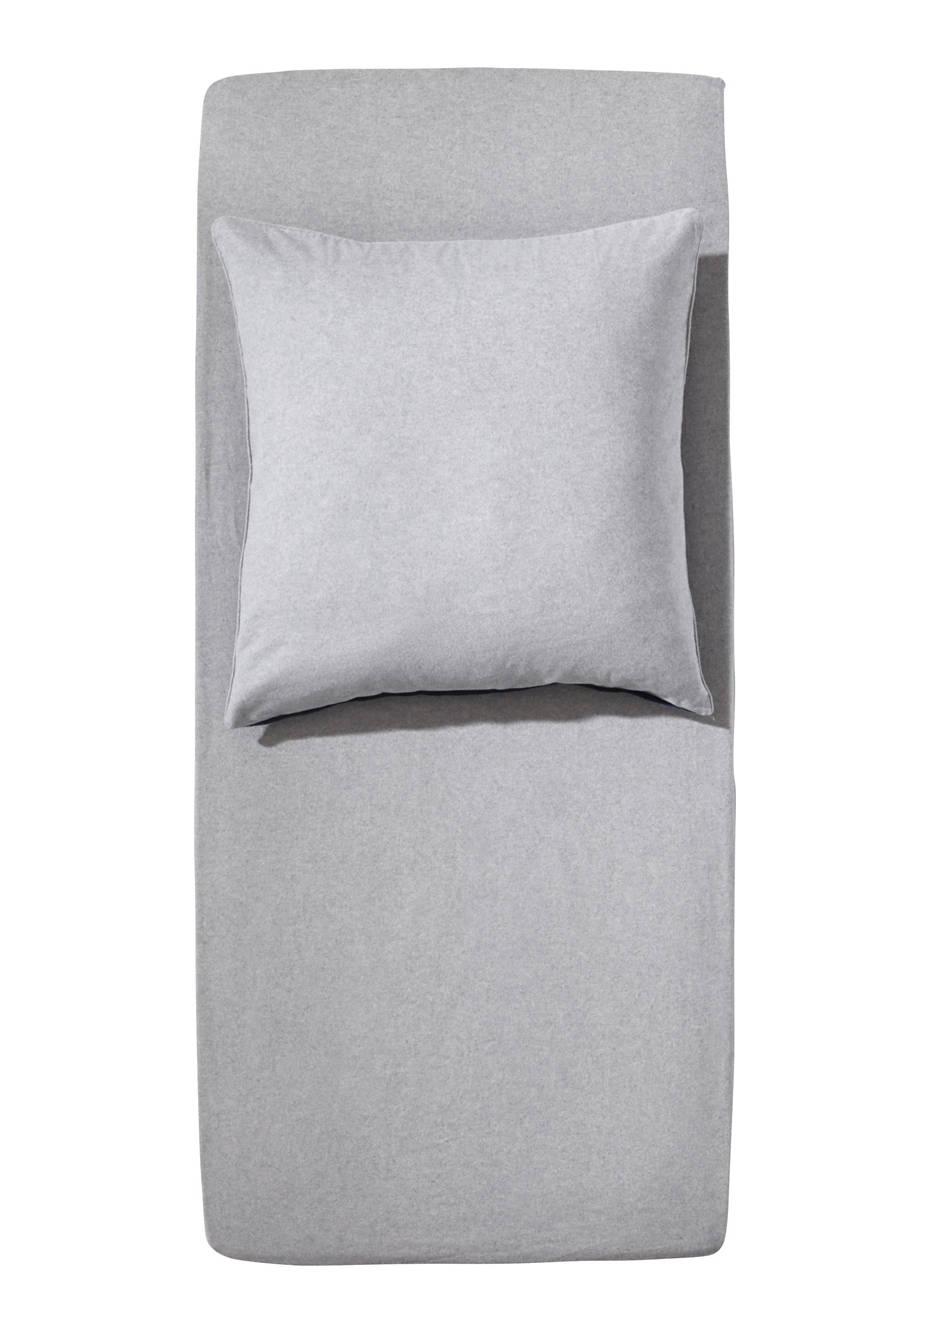 Biber Spannbettlaken fürs Kinderbett aus reiner Bio-Baumwolle